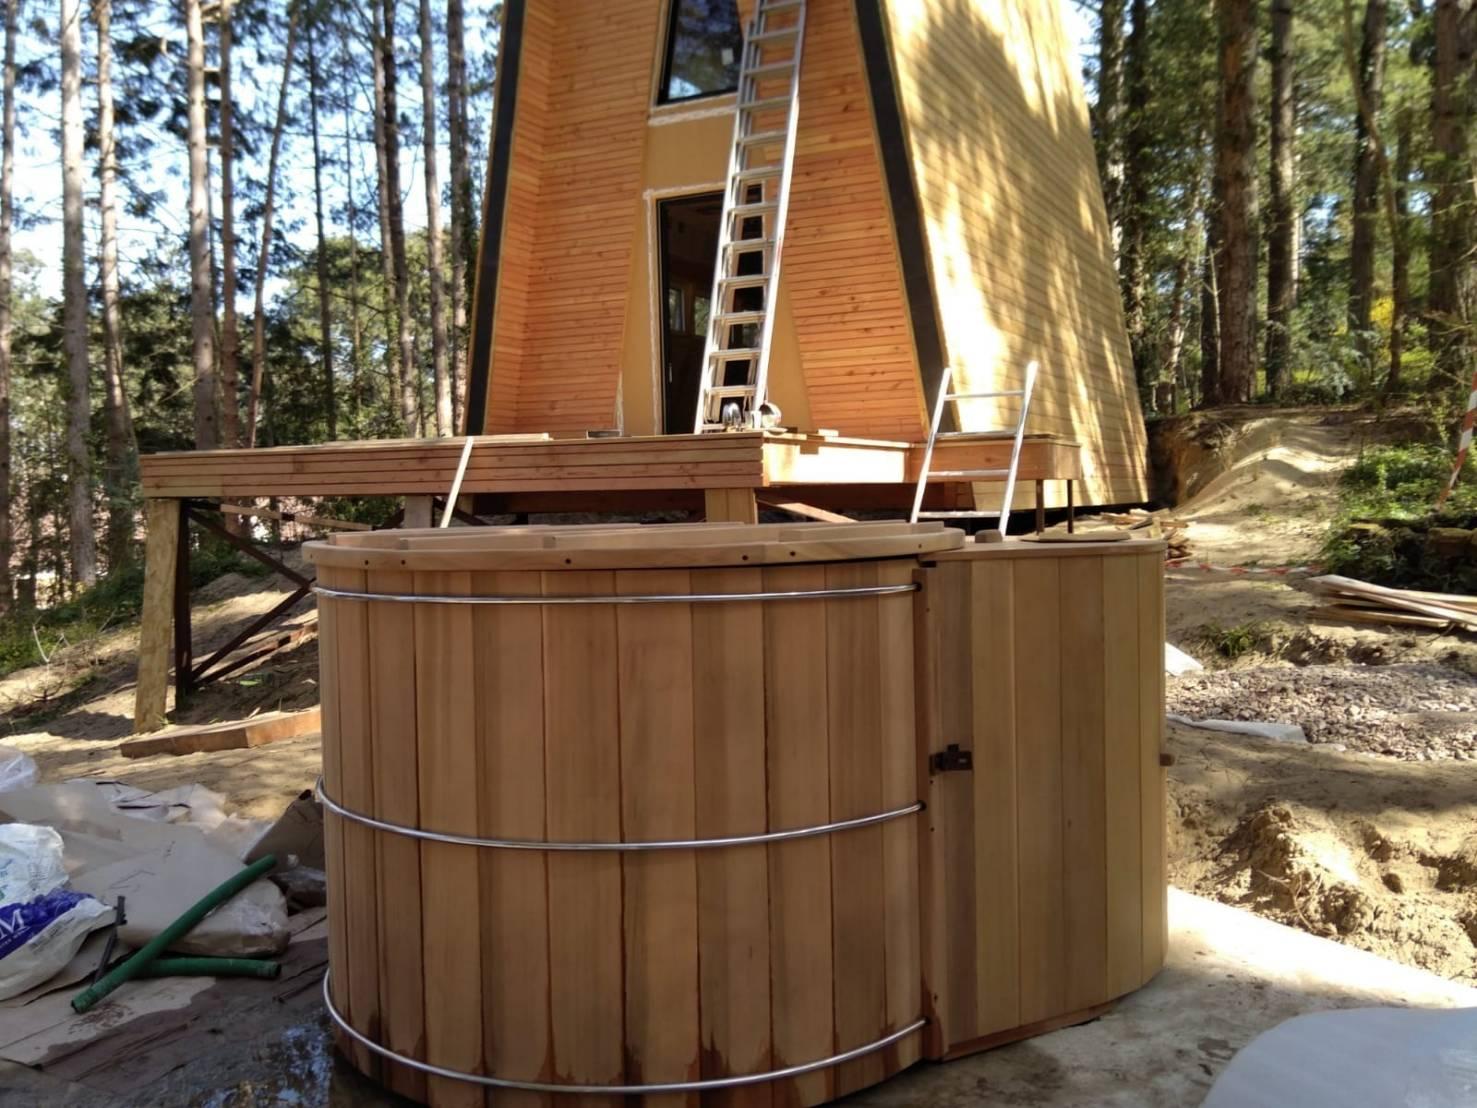 Hot tub red cedar wood